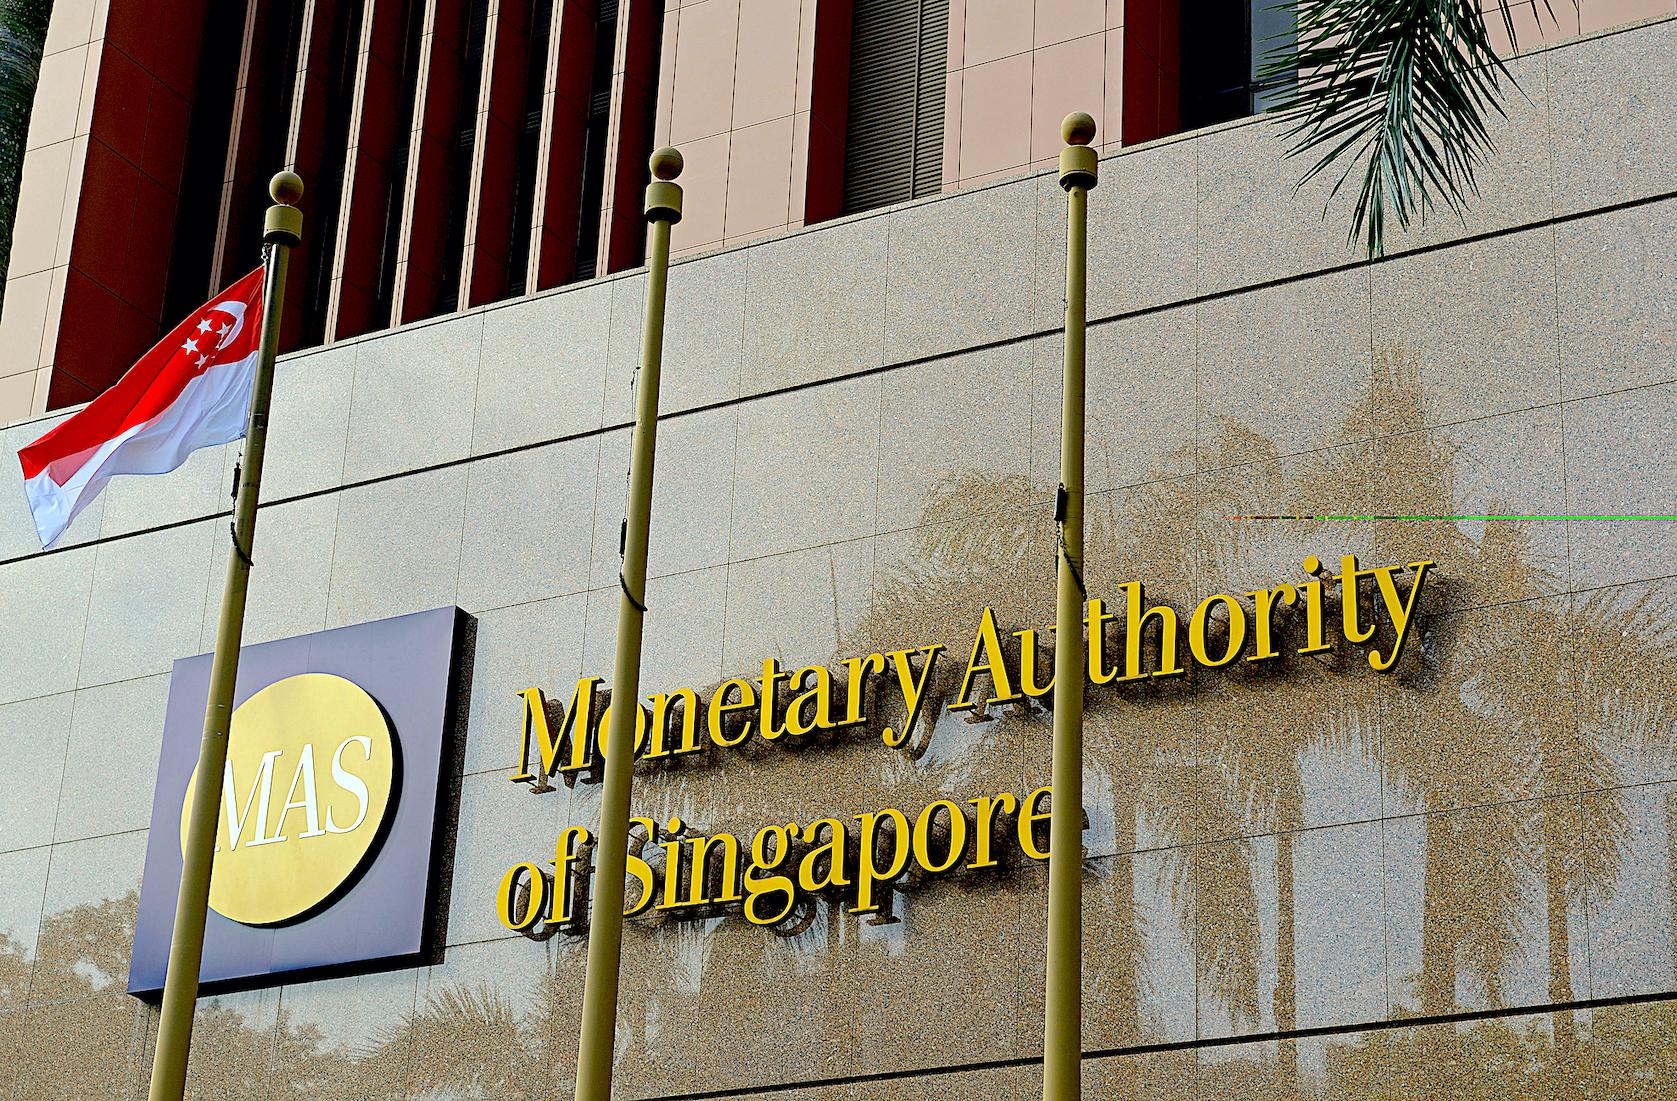 Lãi suất cho vay tại Singapore gần cán mốc 0%, có khả năng về ngưỡng âm - Ảnh 1.